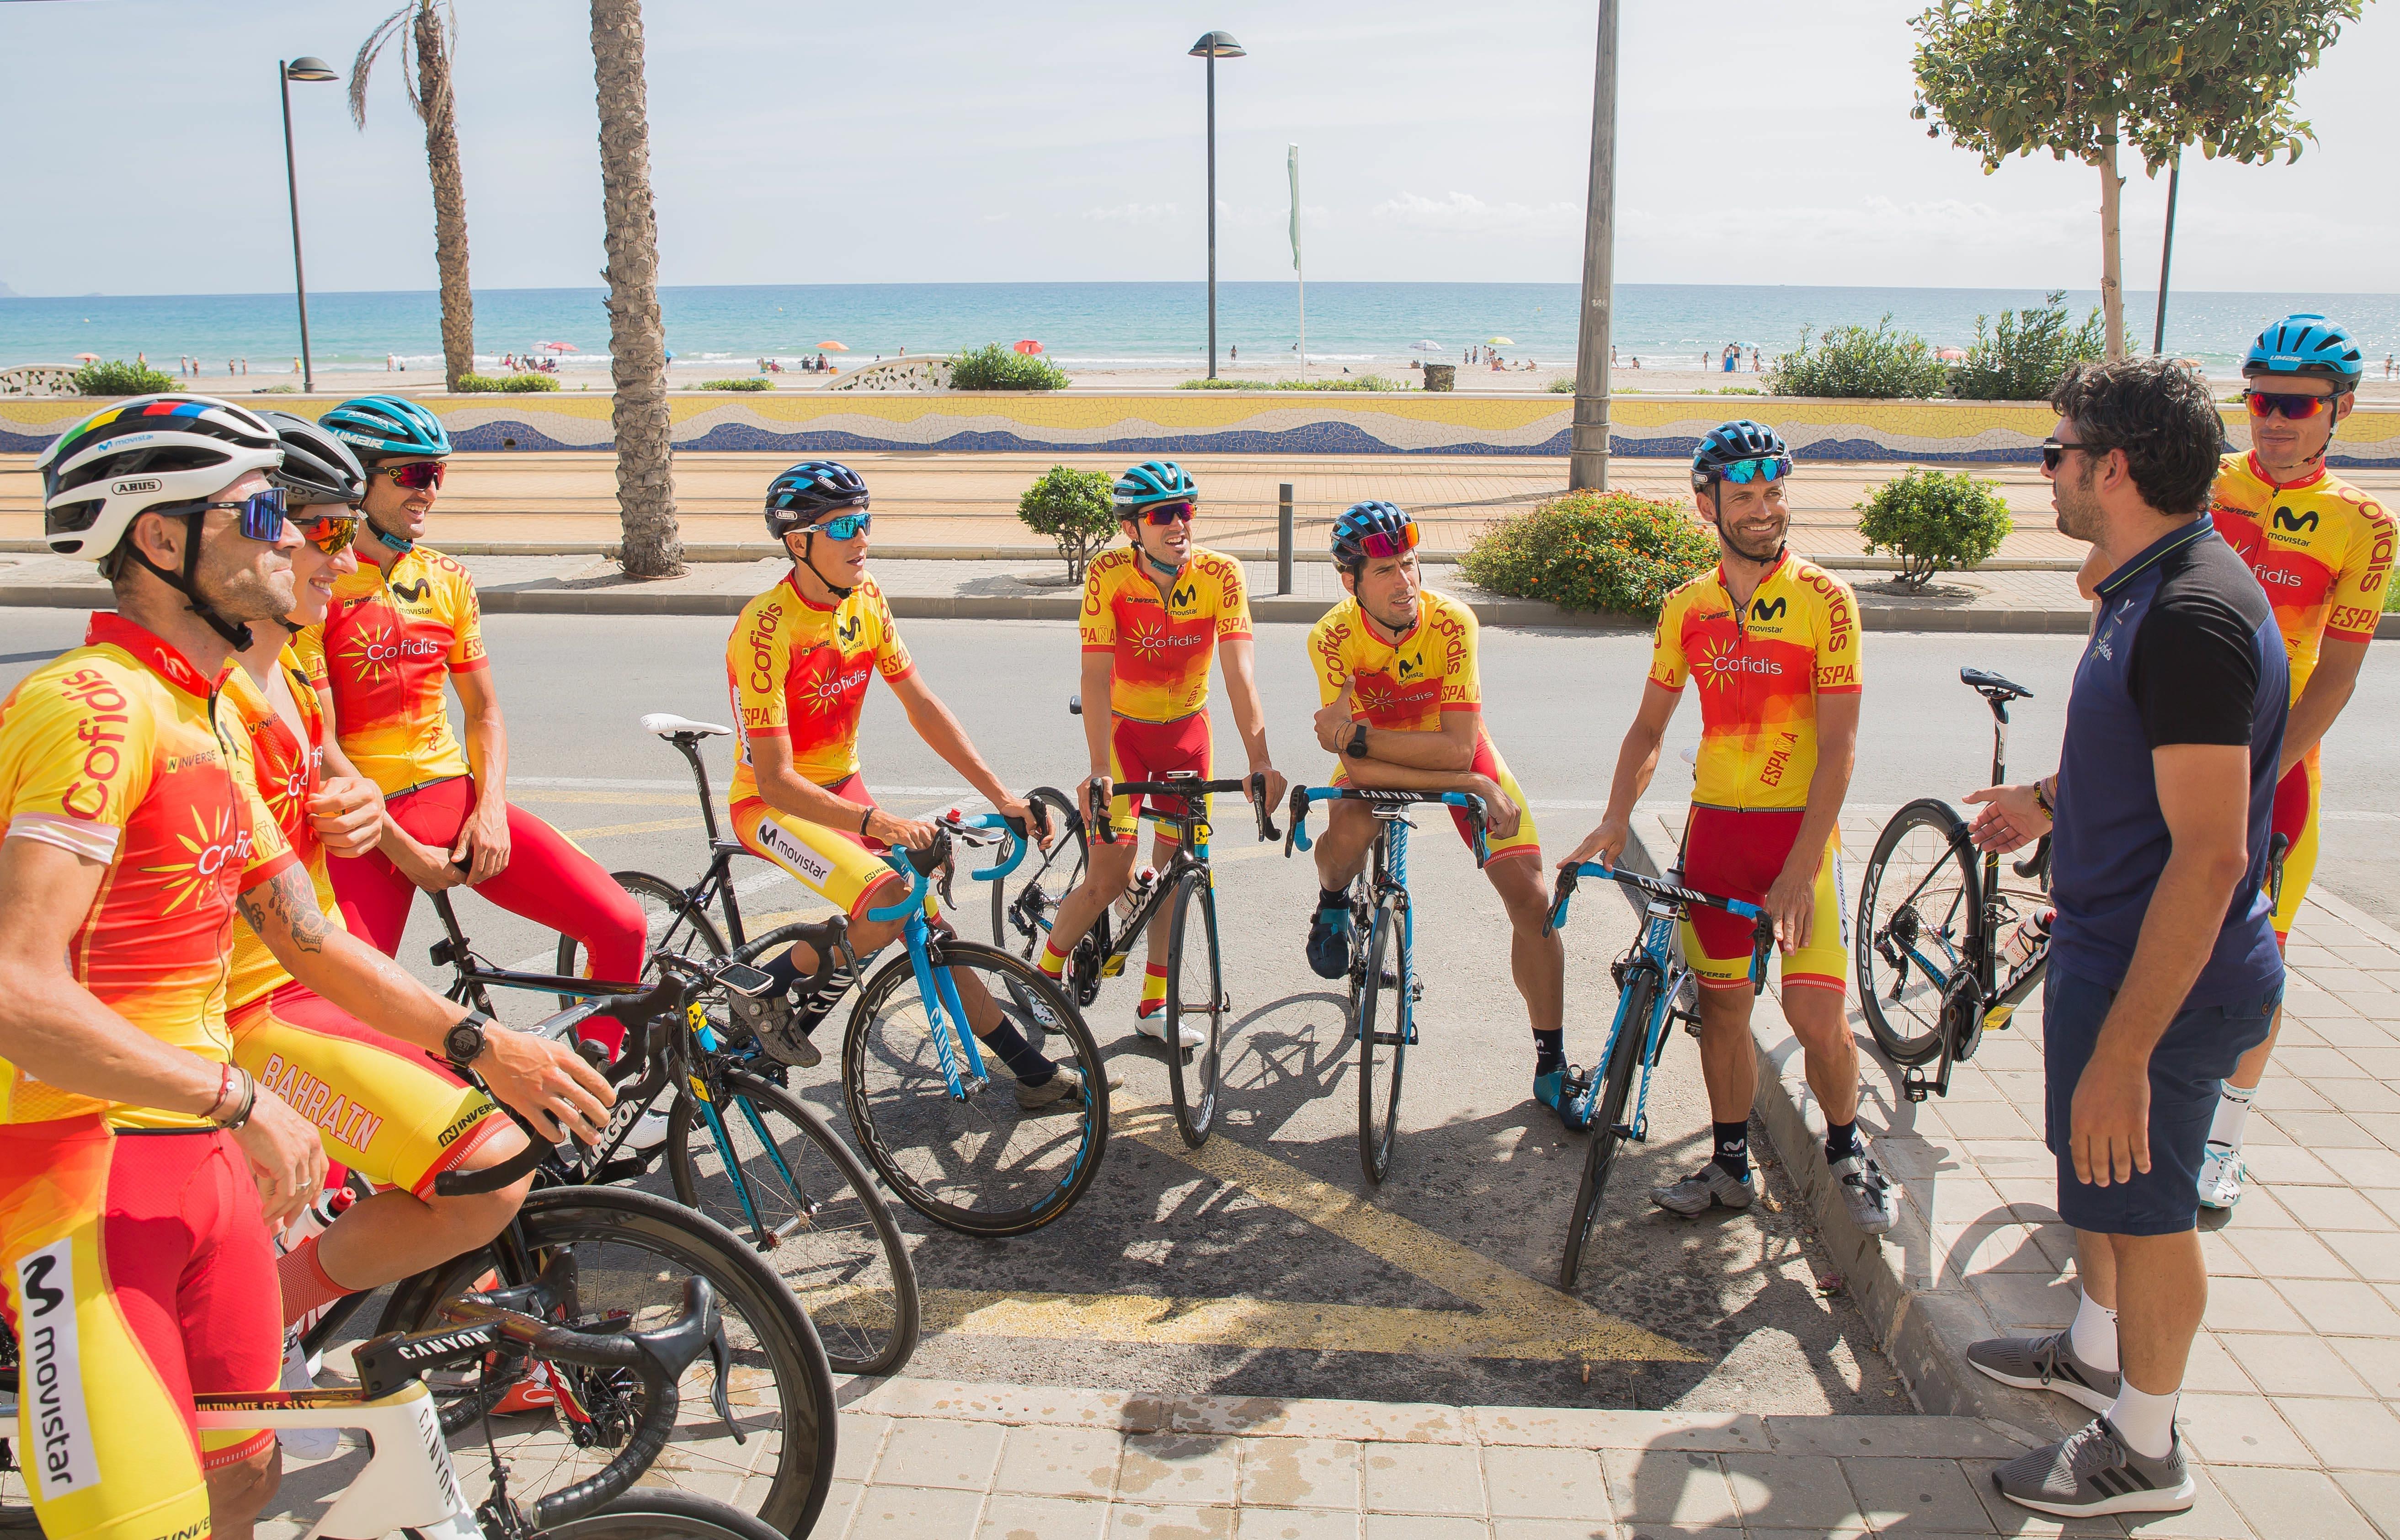 #TeamESPCiclismo / Concentración Élite previa Mundial Carretera 2019